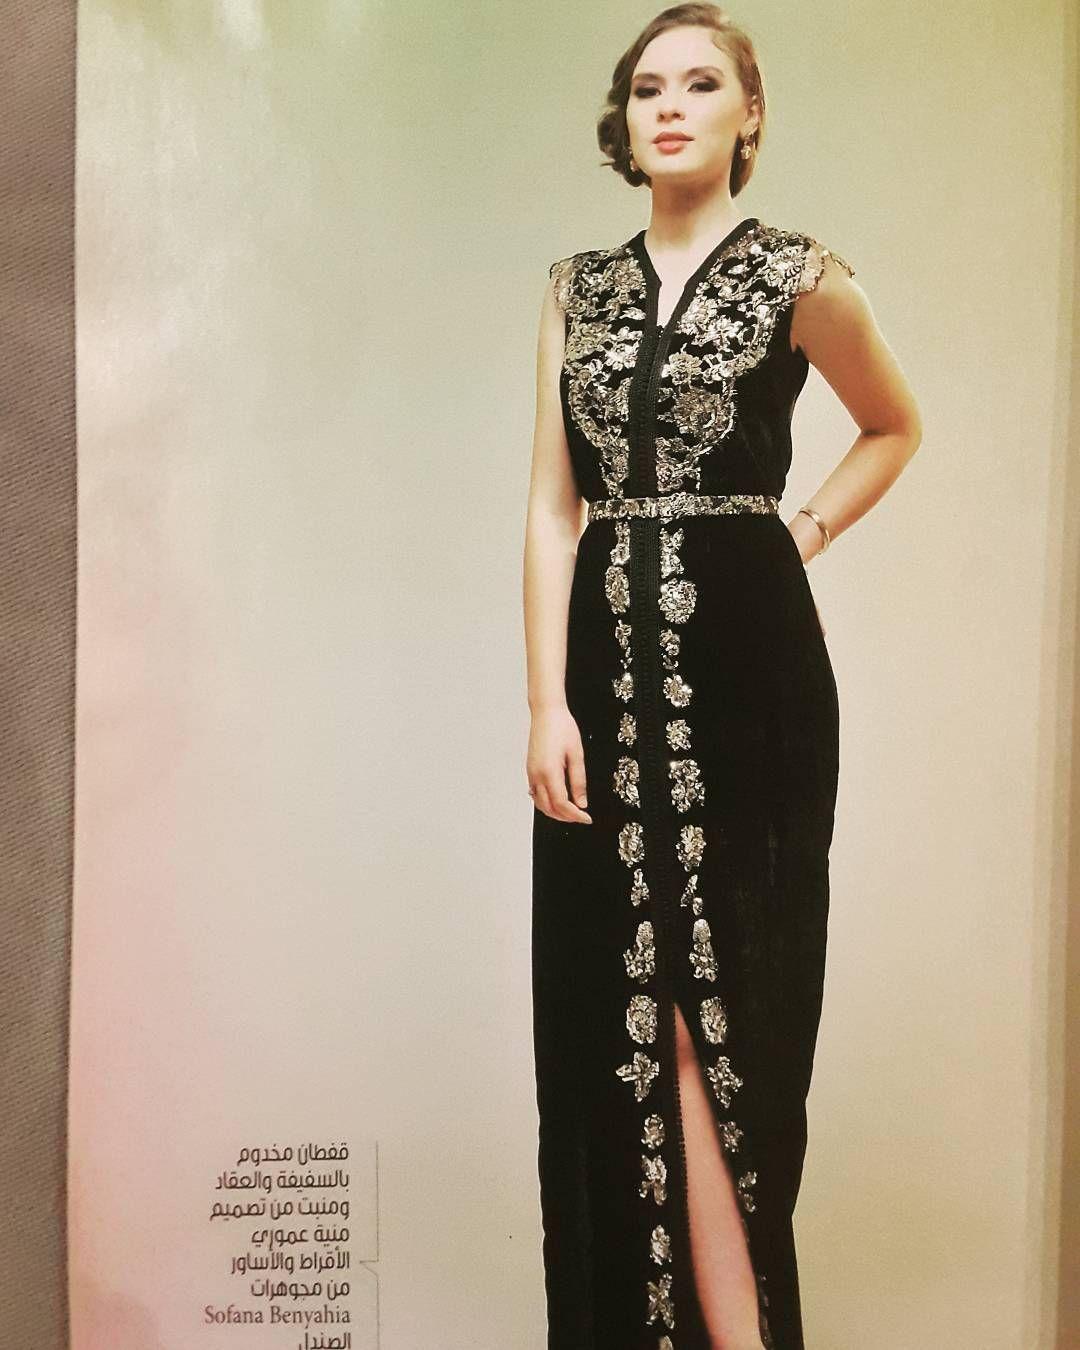 Pin by Uchenna Nwosu on fashion ideas  7f1e2fc2b6c